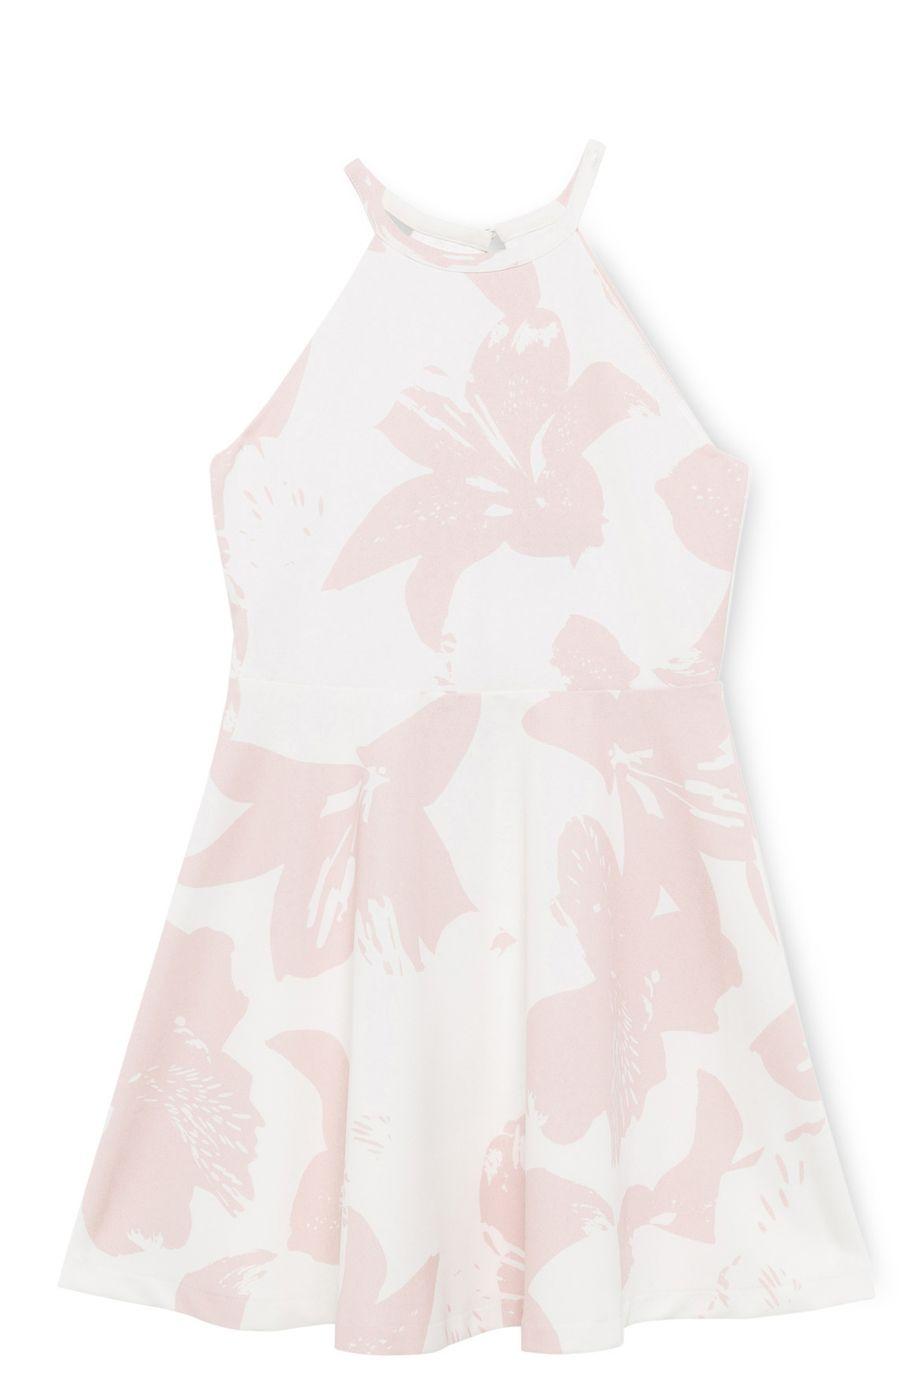 eef8f3d0b4b0a Bardot Junior | Lilly Blooms Dress | Myer Online | bardot: | Summer ...